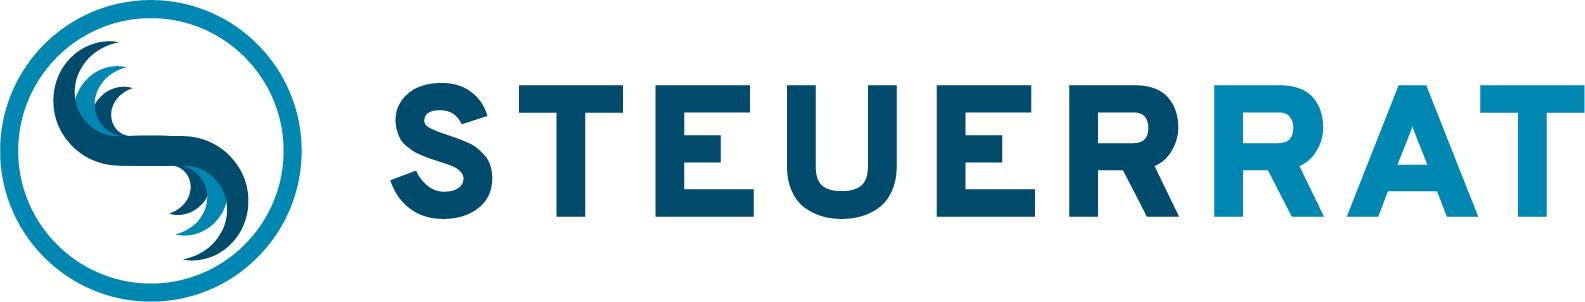 2021-04-22_608137953d38f_Steuerrat-Logo-horizontal